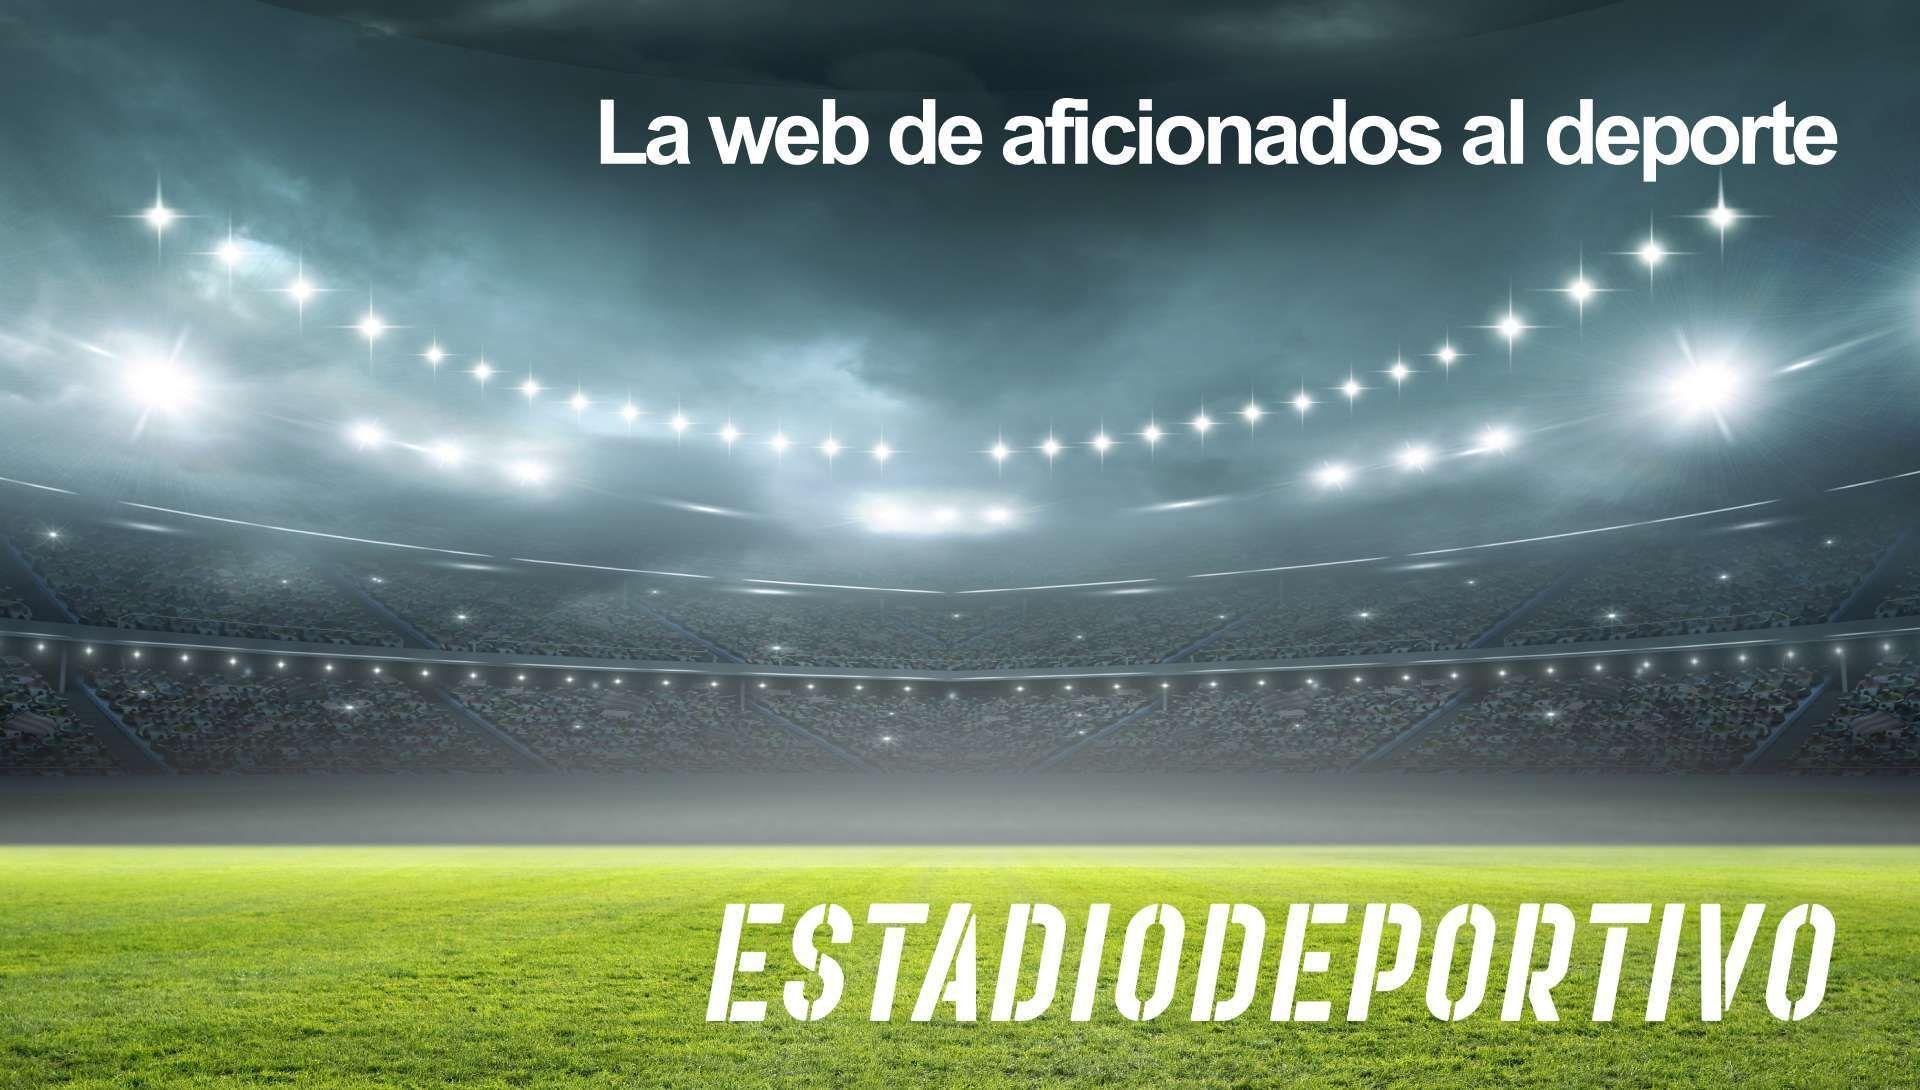 Objetivos de Monchi, ofrecimientos y jugadores vinculados al Sevilla FC... ¿Qué pasó?